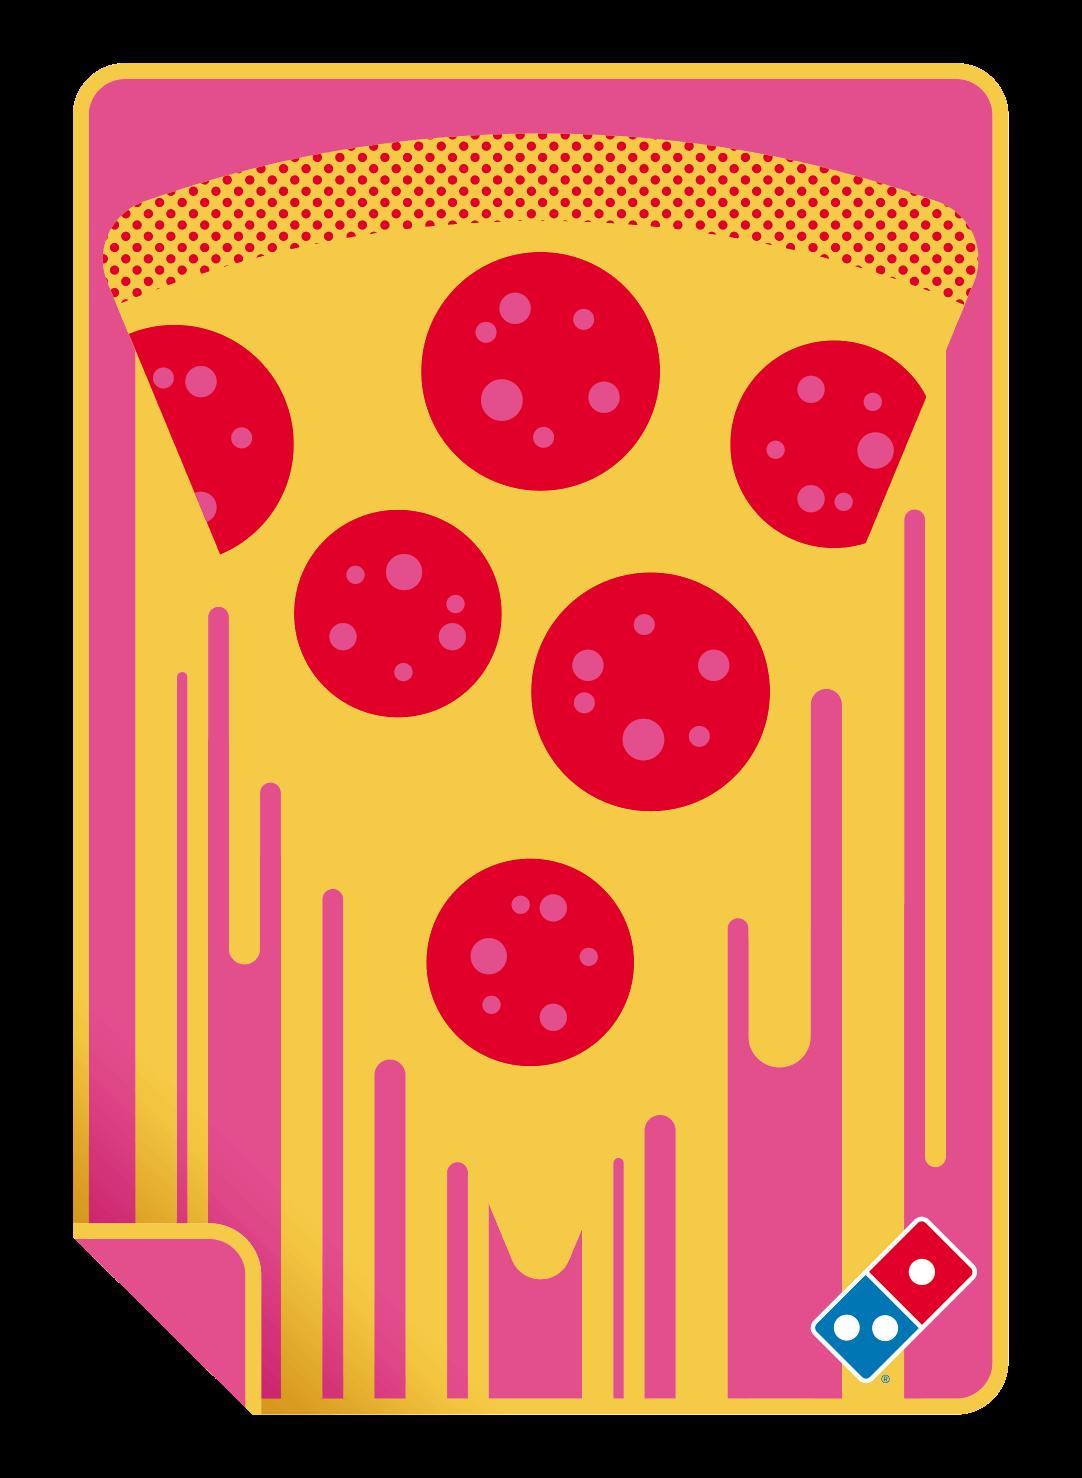 ドミノ・ピザ『Do!花見セット』-オリジナルブランケットイメージ